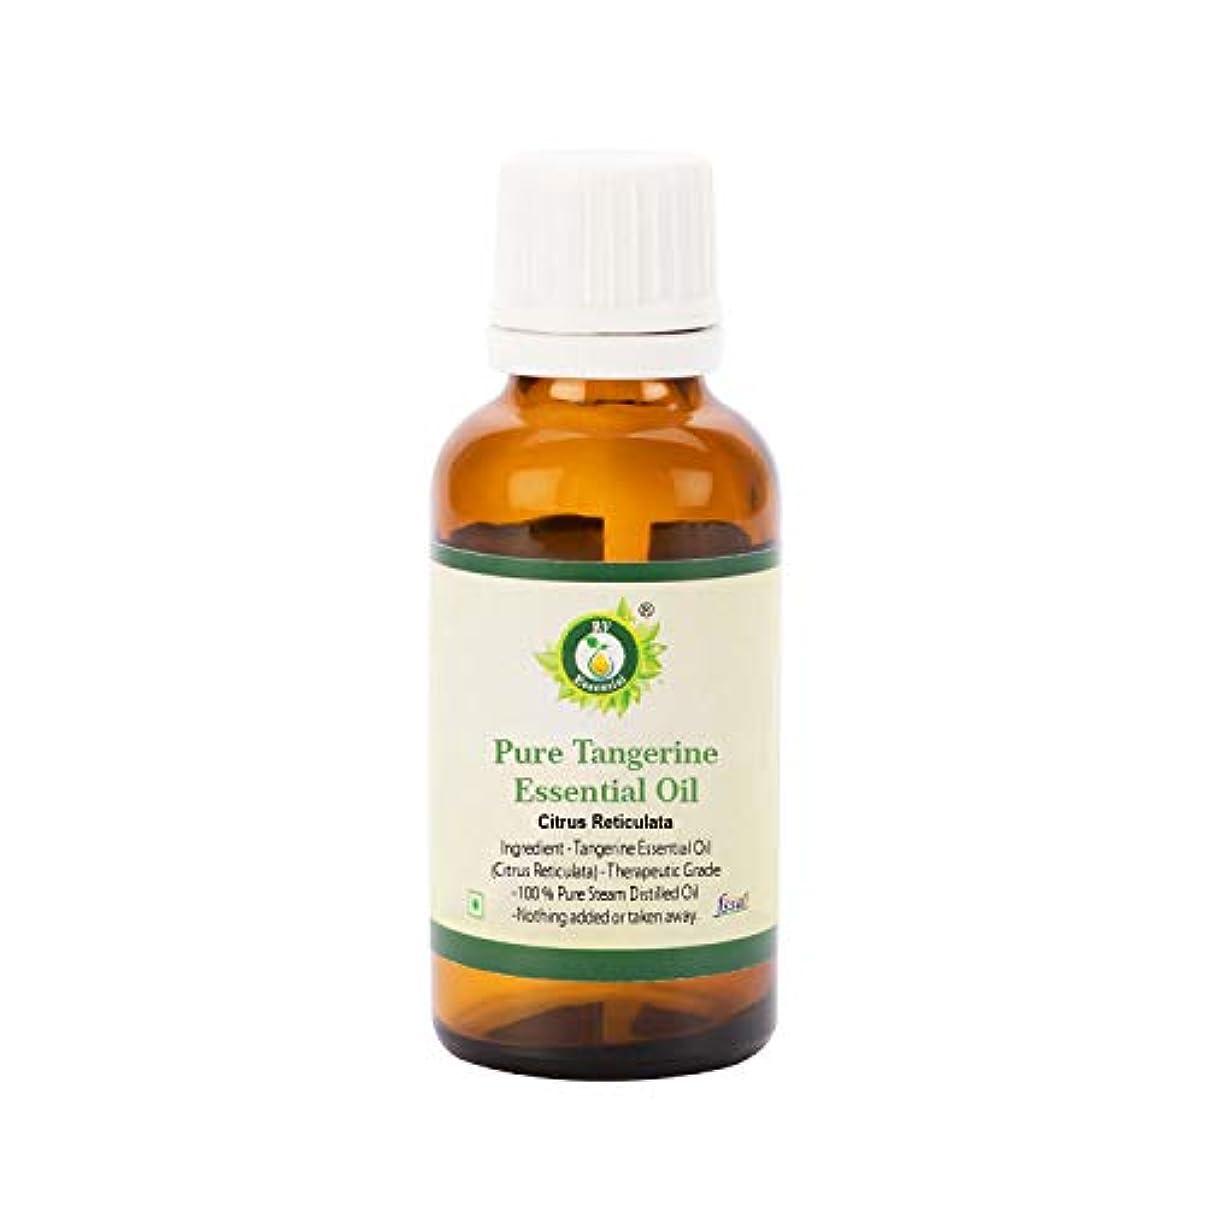 一部推定する全員R V Essential ピュアタンジェリンエッセンシャルオイル50ml (1.69oz)- Citrus Reticulata (100%純粋&天然スチームDistilled) Pure Tangerine Essential...